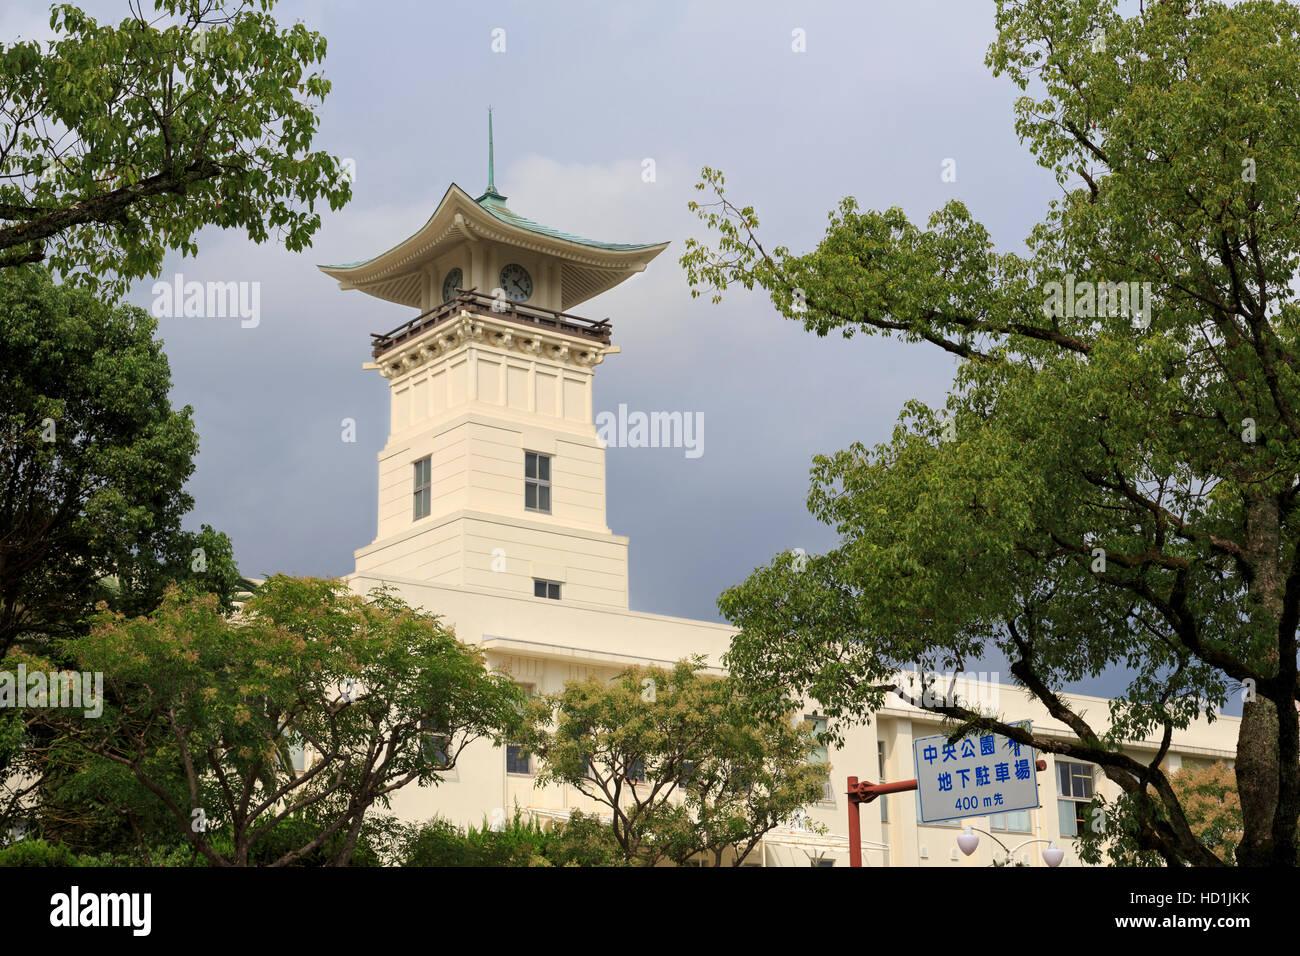 L'architecture japonaise, Kochi City, l'île de Shikoku, Japon, Asie Photo Stock